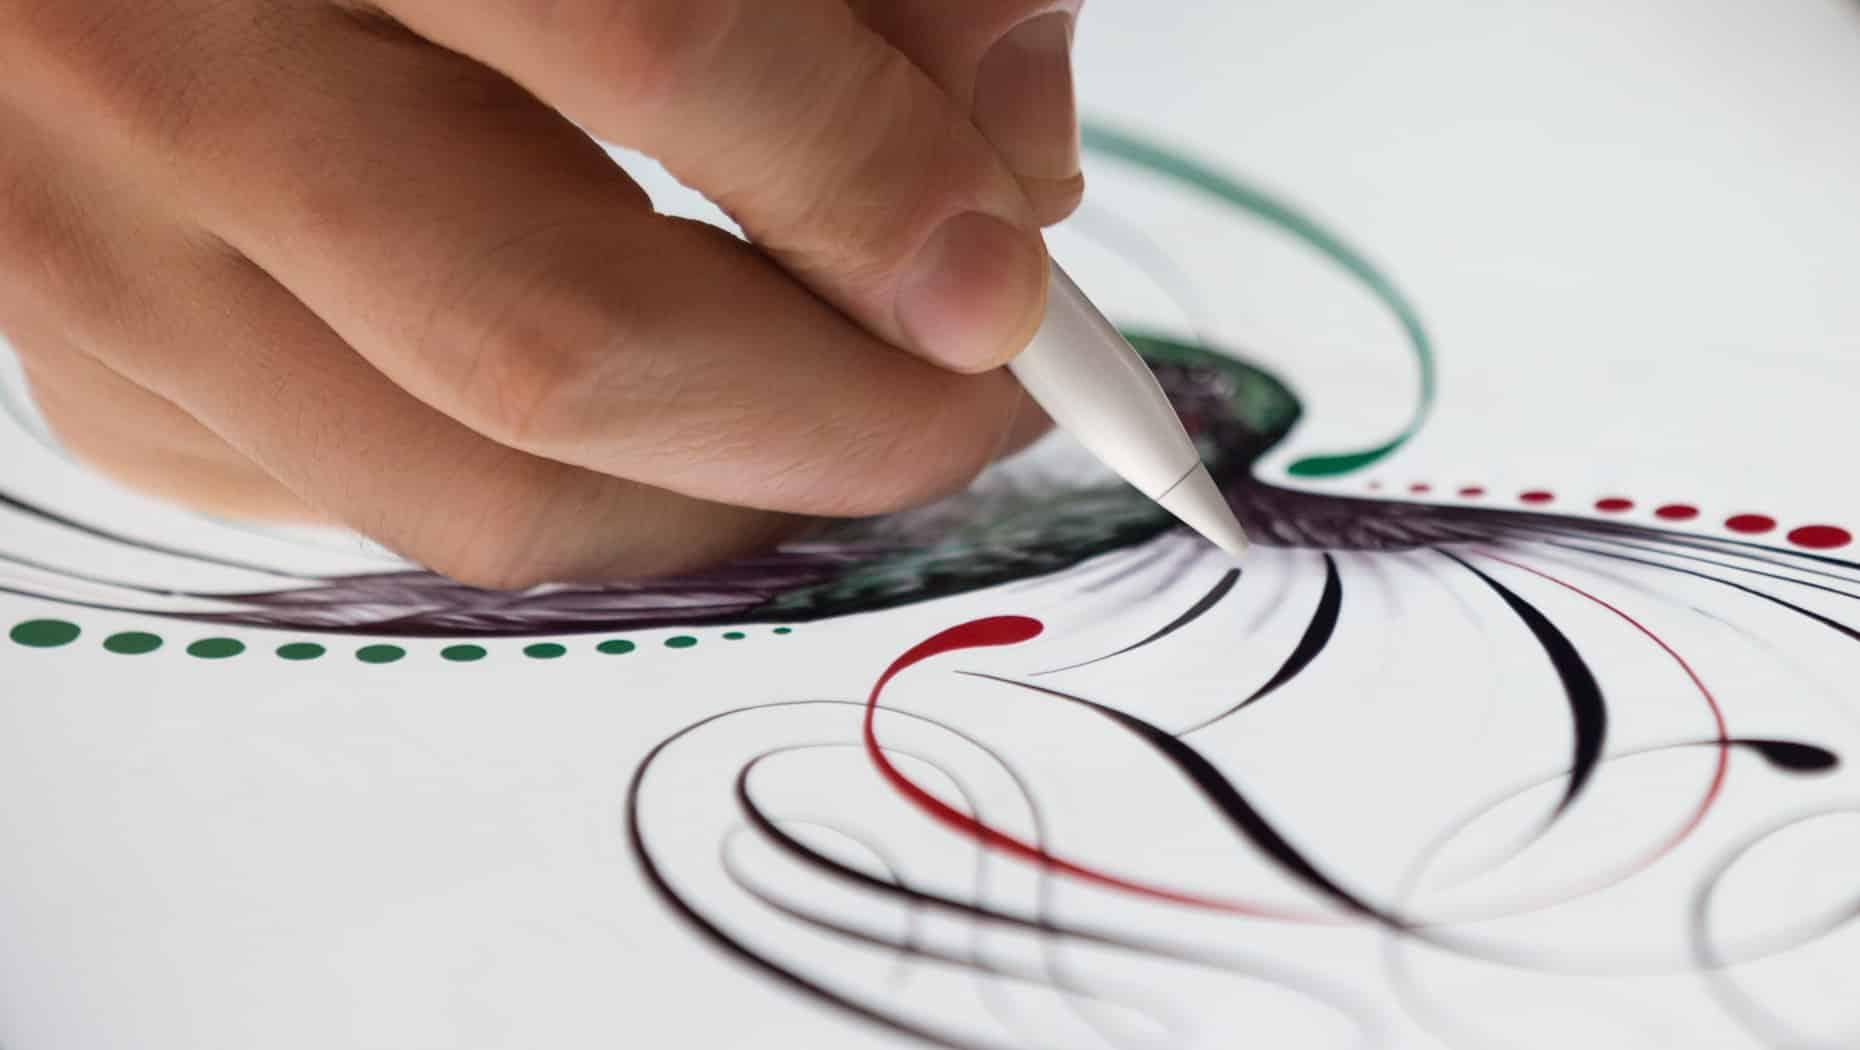 Takéto maľby môžeš robiť aj ty ! -SvetApple.sk